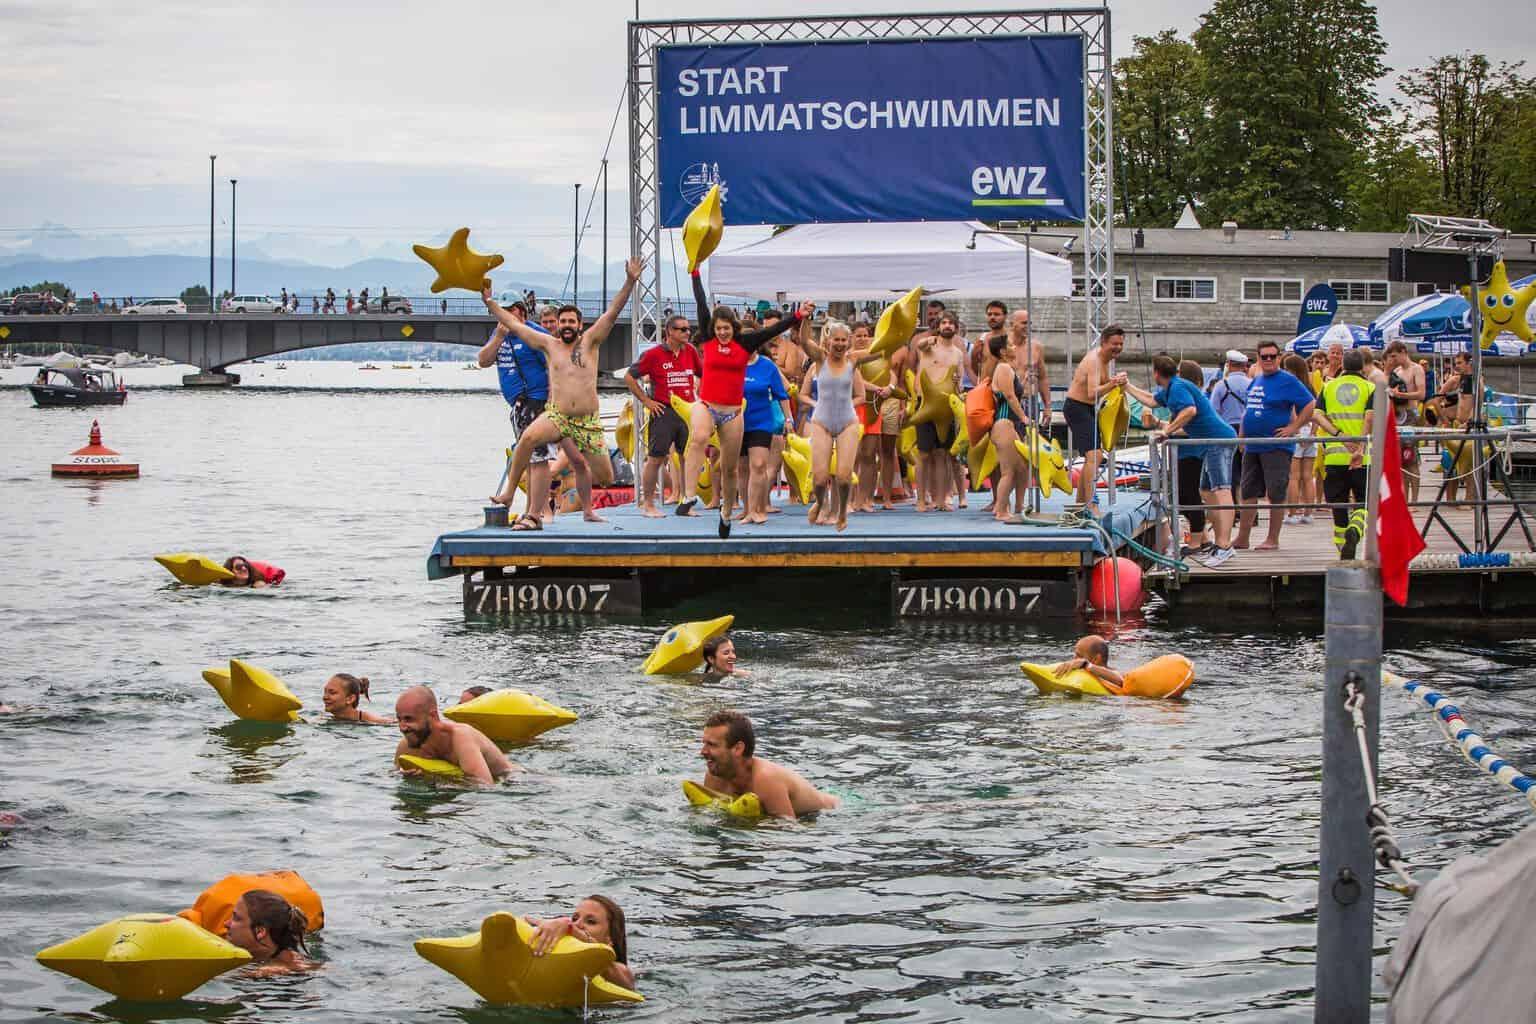 Photos of Limmatschwimmen Zurich 2019